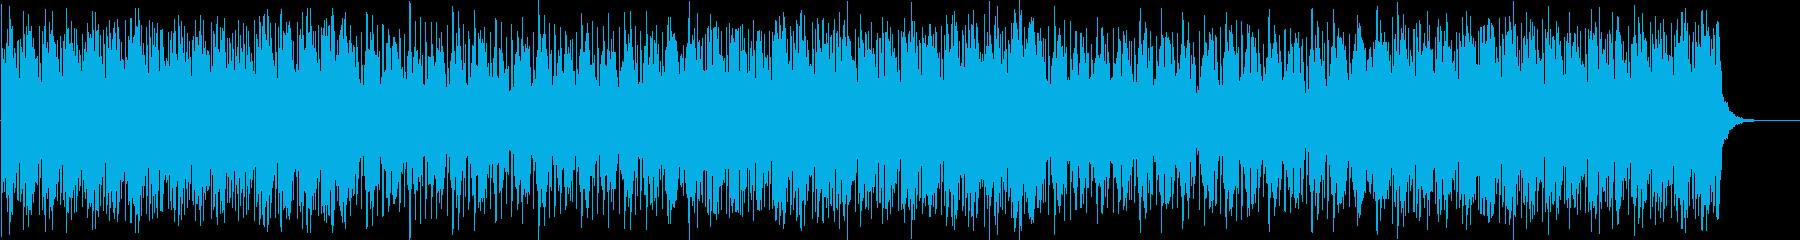 クールなトランス・ハウスミュージックの再生済みの波形